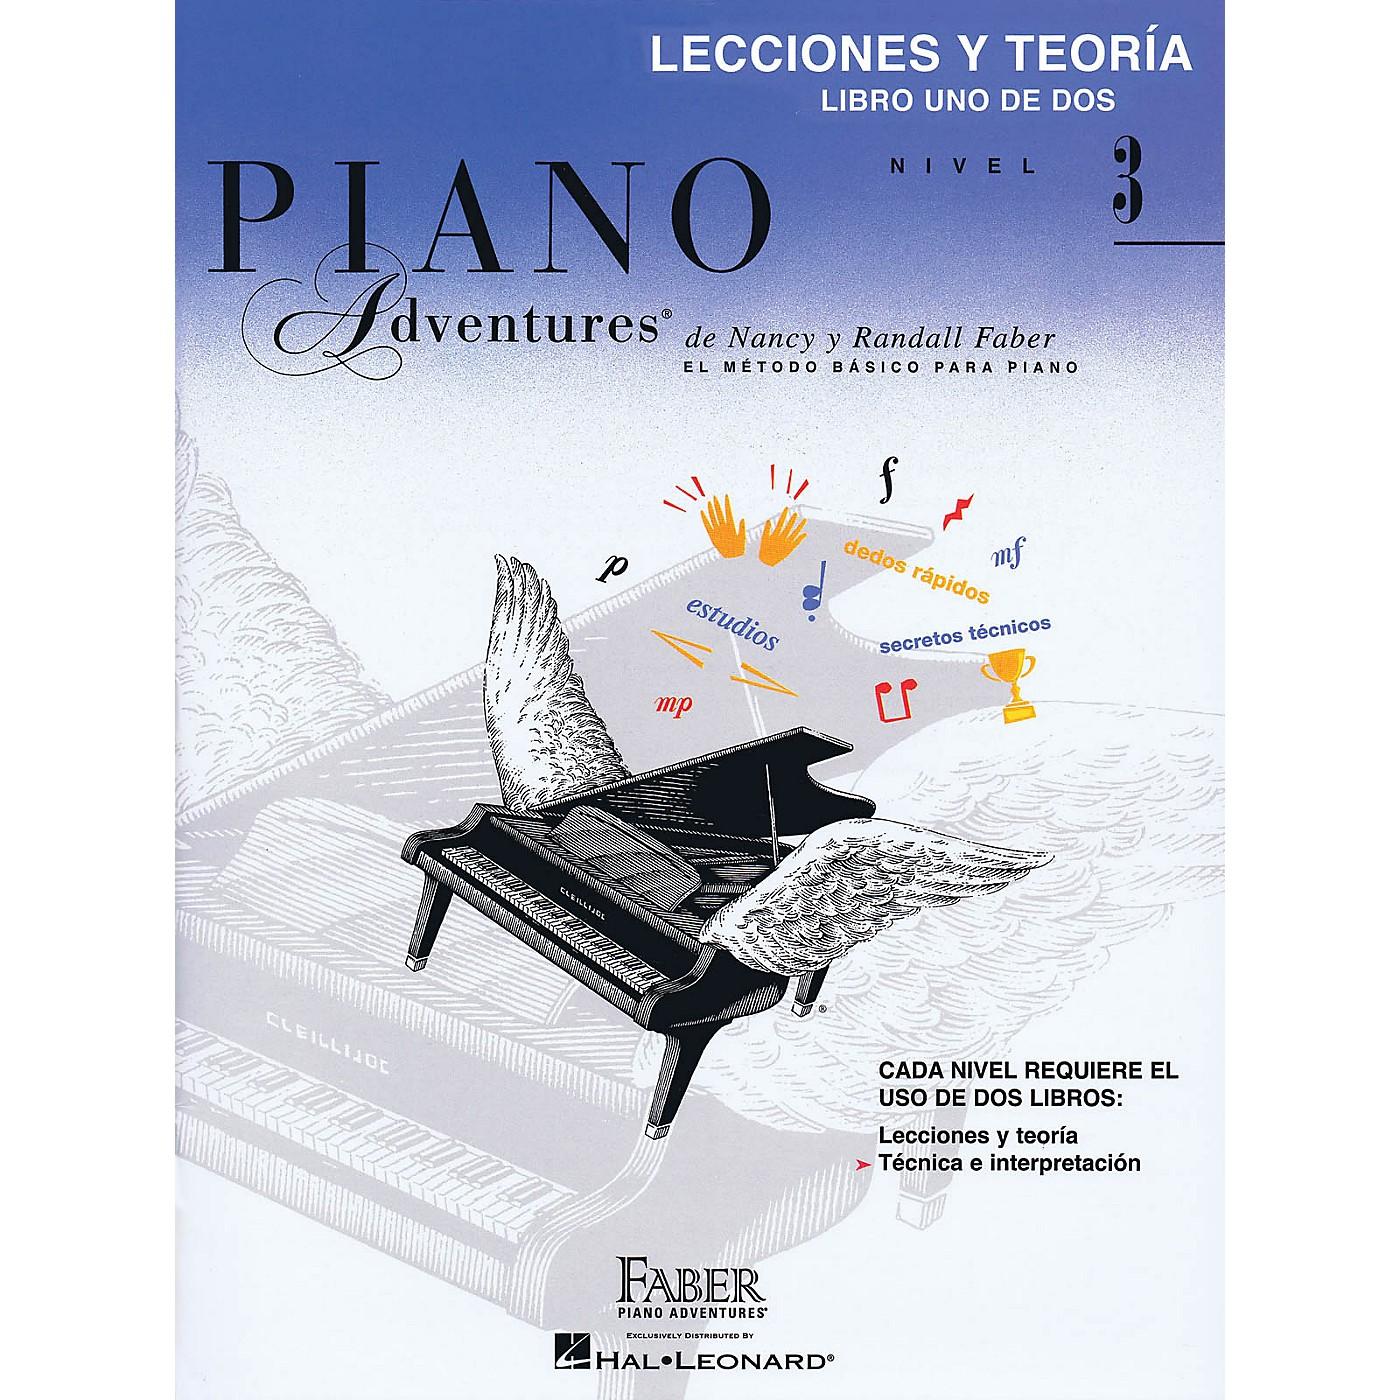 Faber Piano Adventures Lecciones Y Teoria - Libro Uno De Dos Nivel 3 Faber Piano Adventures Series Softcover by Nancy Faber thumbnail